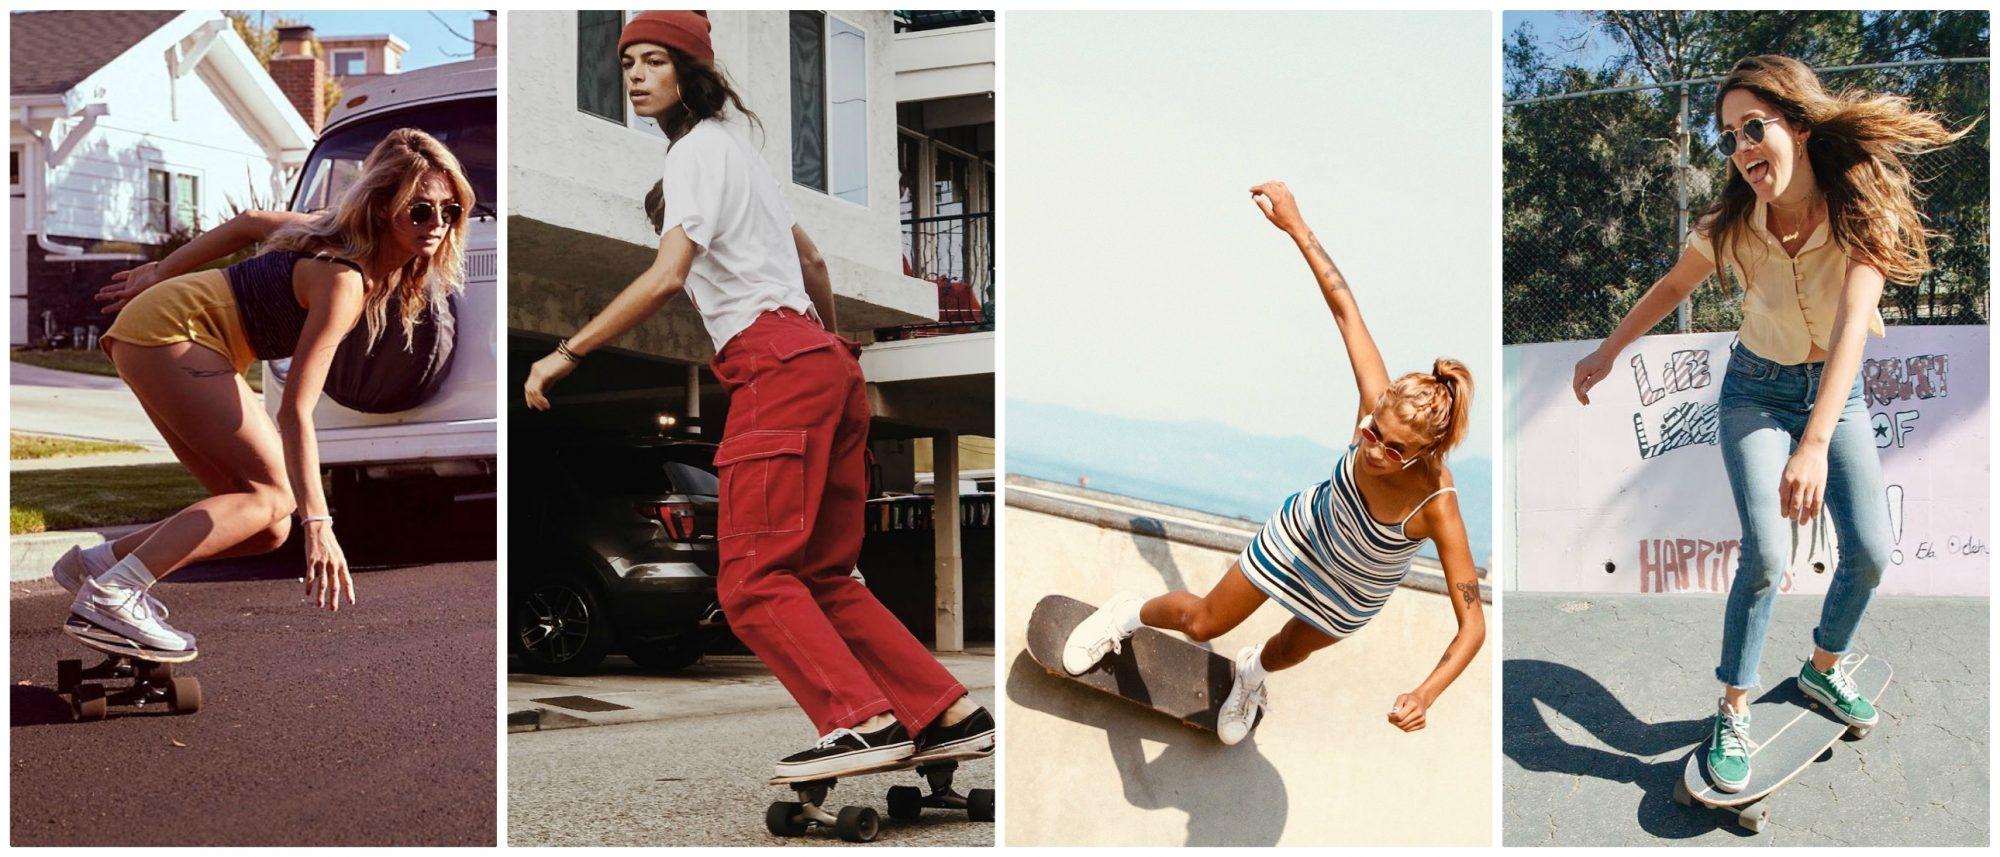 womens-skateboarding.jpg